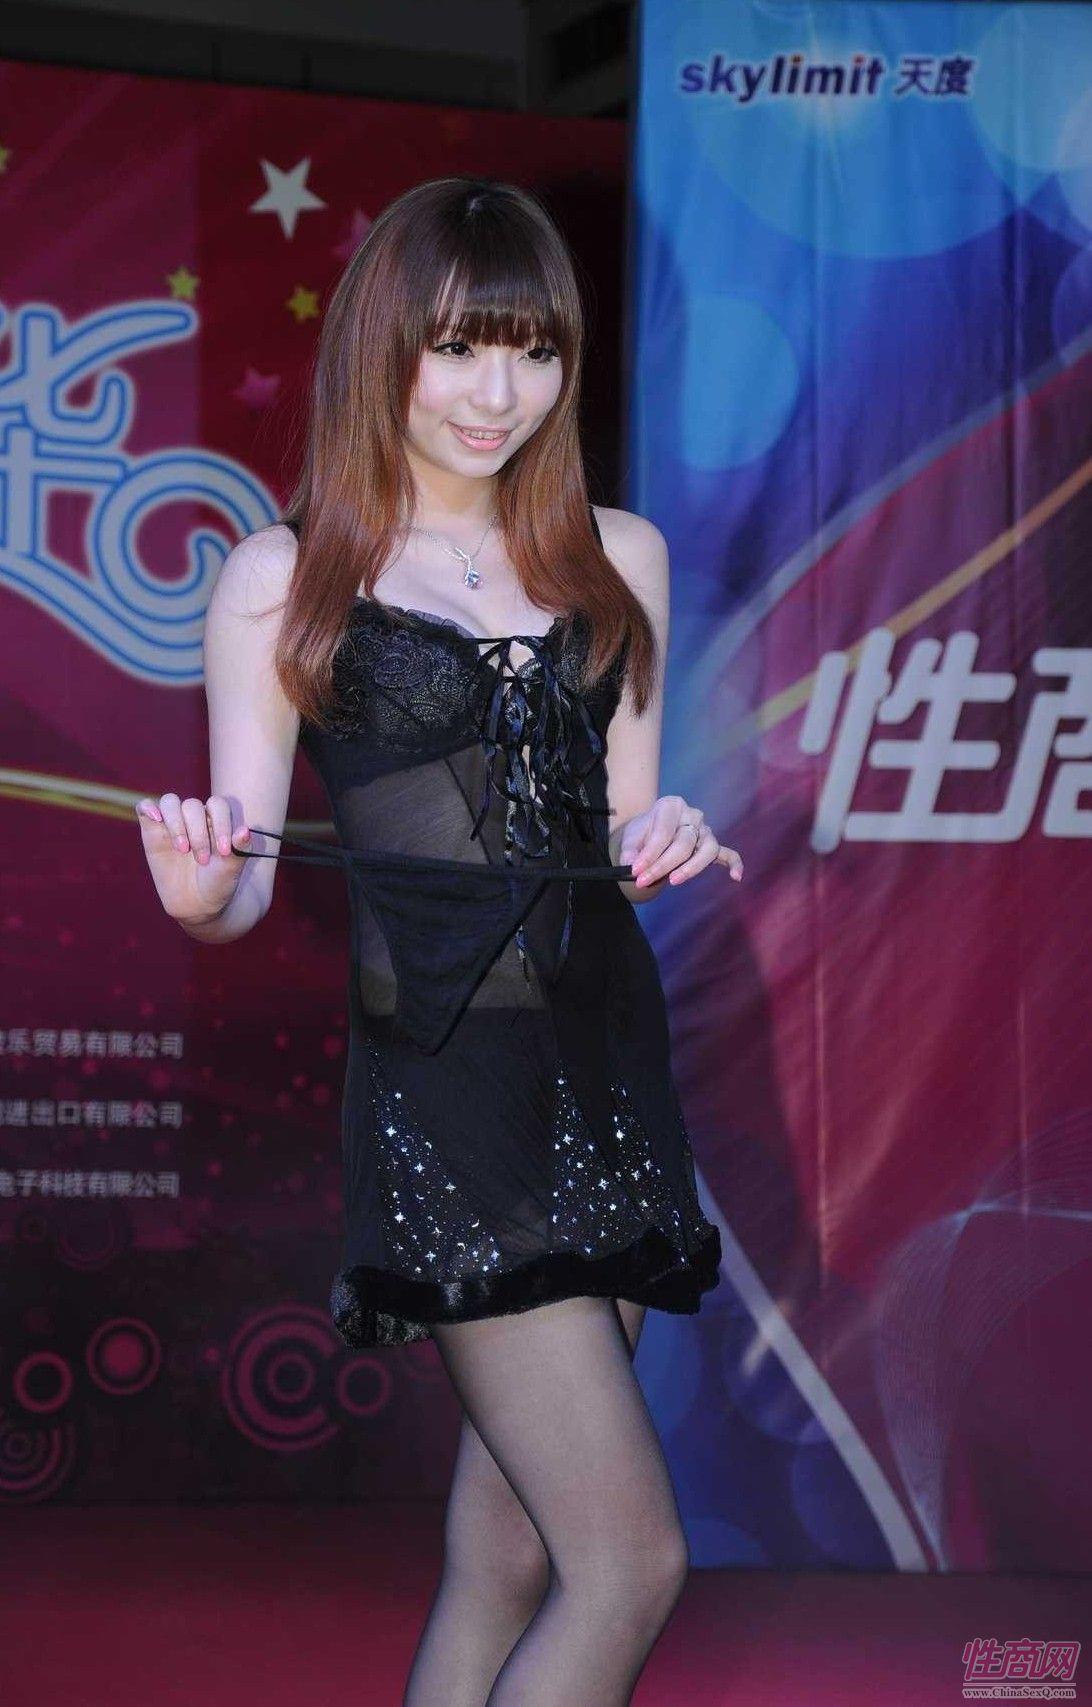 性商嘉年华活动引爆上海成人展场场爆满图片2